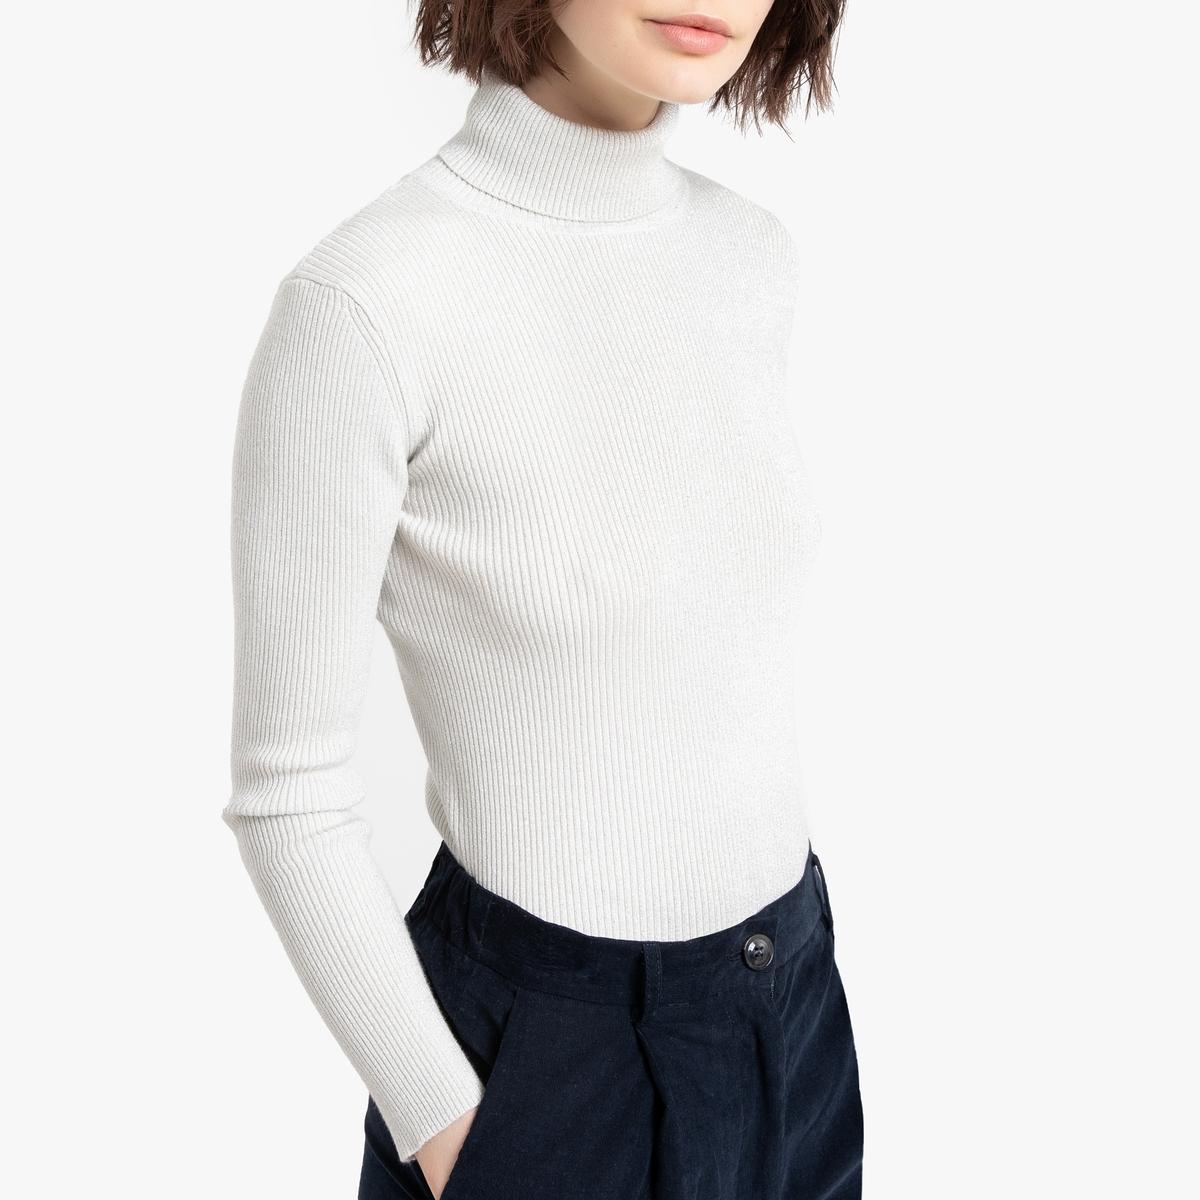 цены Пуловер La Redoute С воротником-стойкой из рифленого блестящего трикотажа L белый